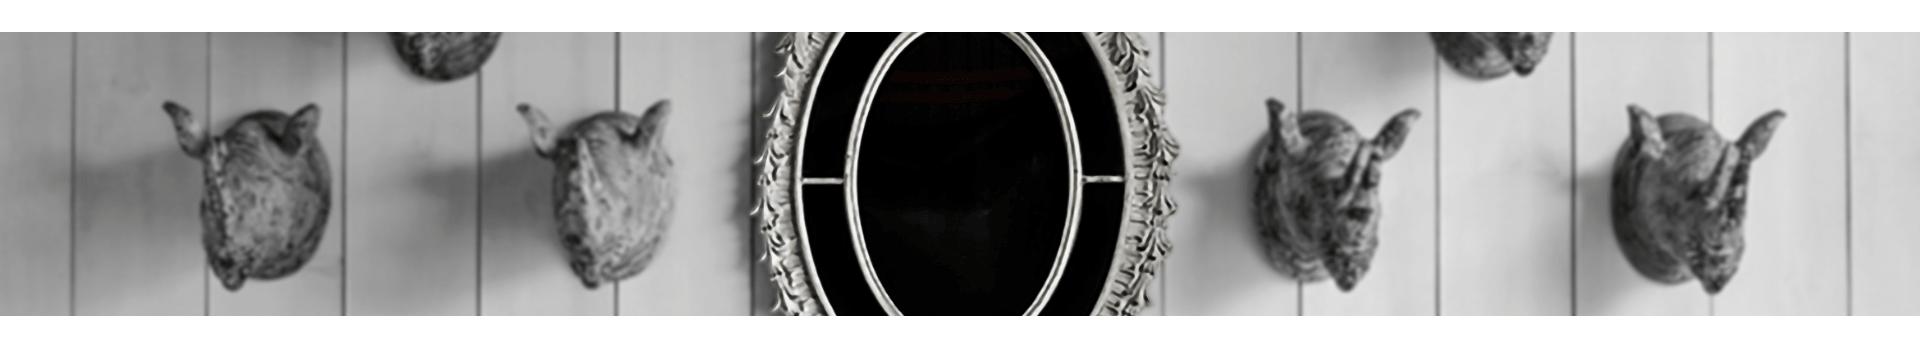 Espejos para Hogar | Auxiliares | Mobelfy ®